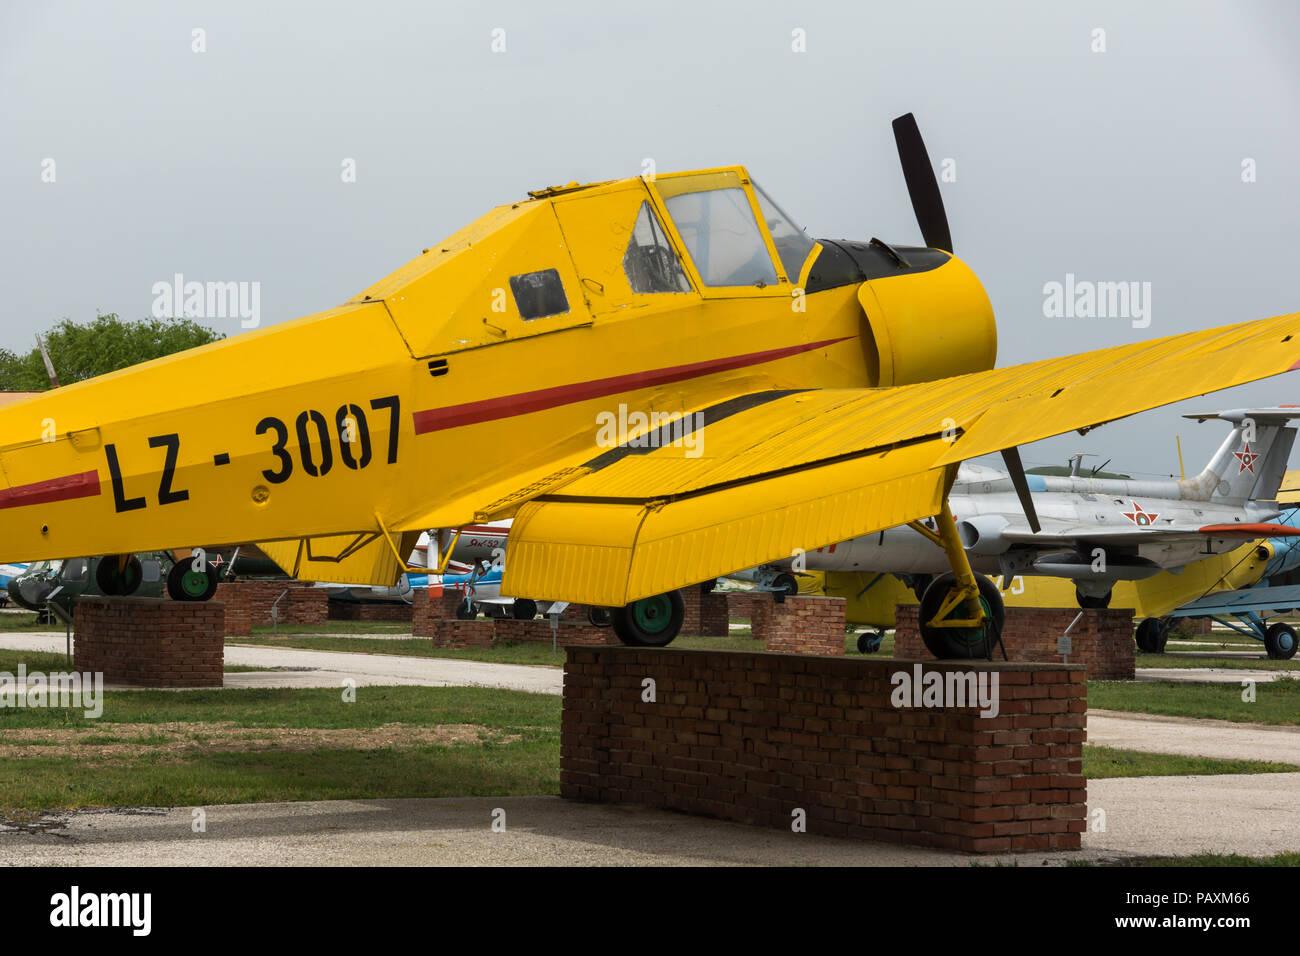 KRUMOVO, Plovdiv, Bulgaria - 29 de abril de 2017: Avión LZ 3007 inAviation Museo cerca de el aeropuerto de Plovdiv, Bulgaria Foto de stock